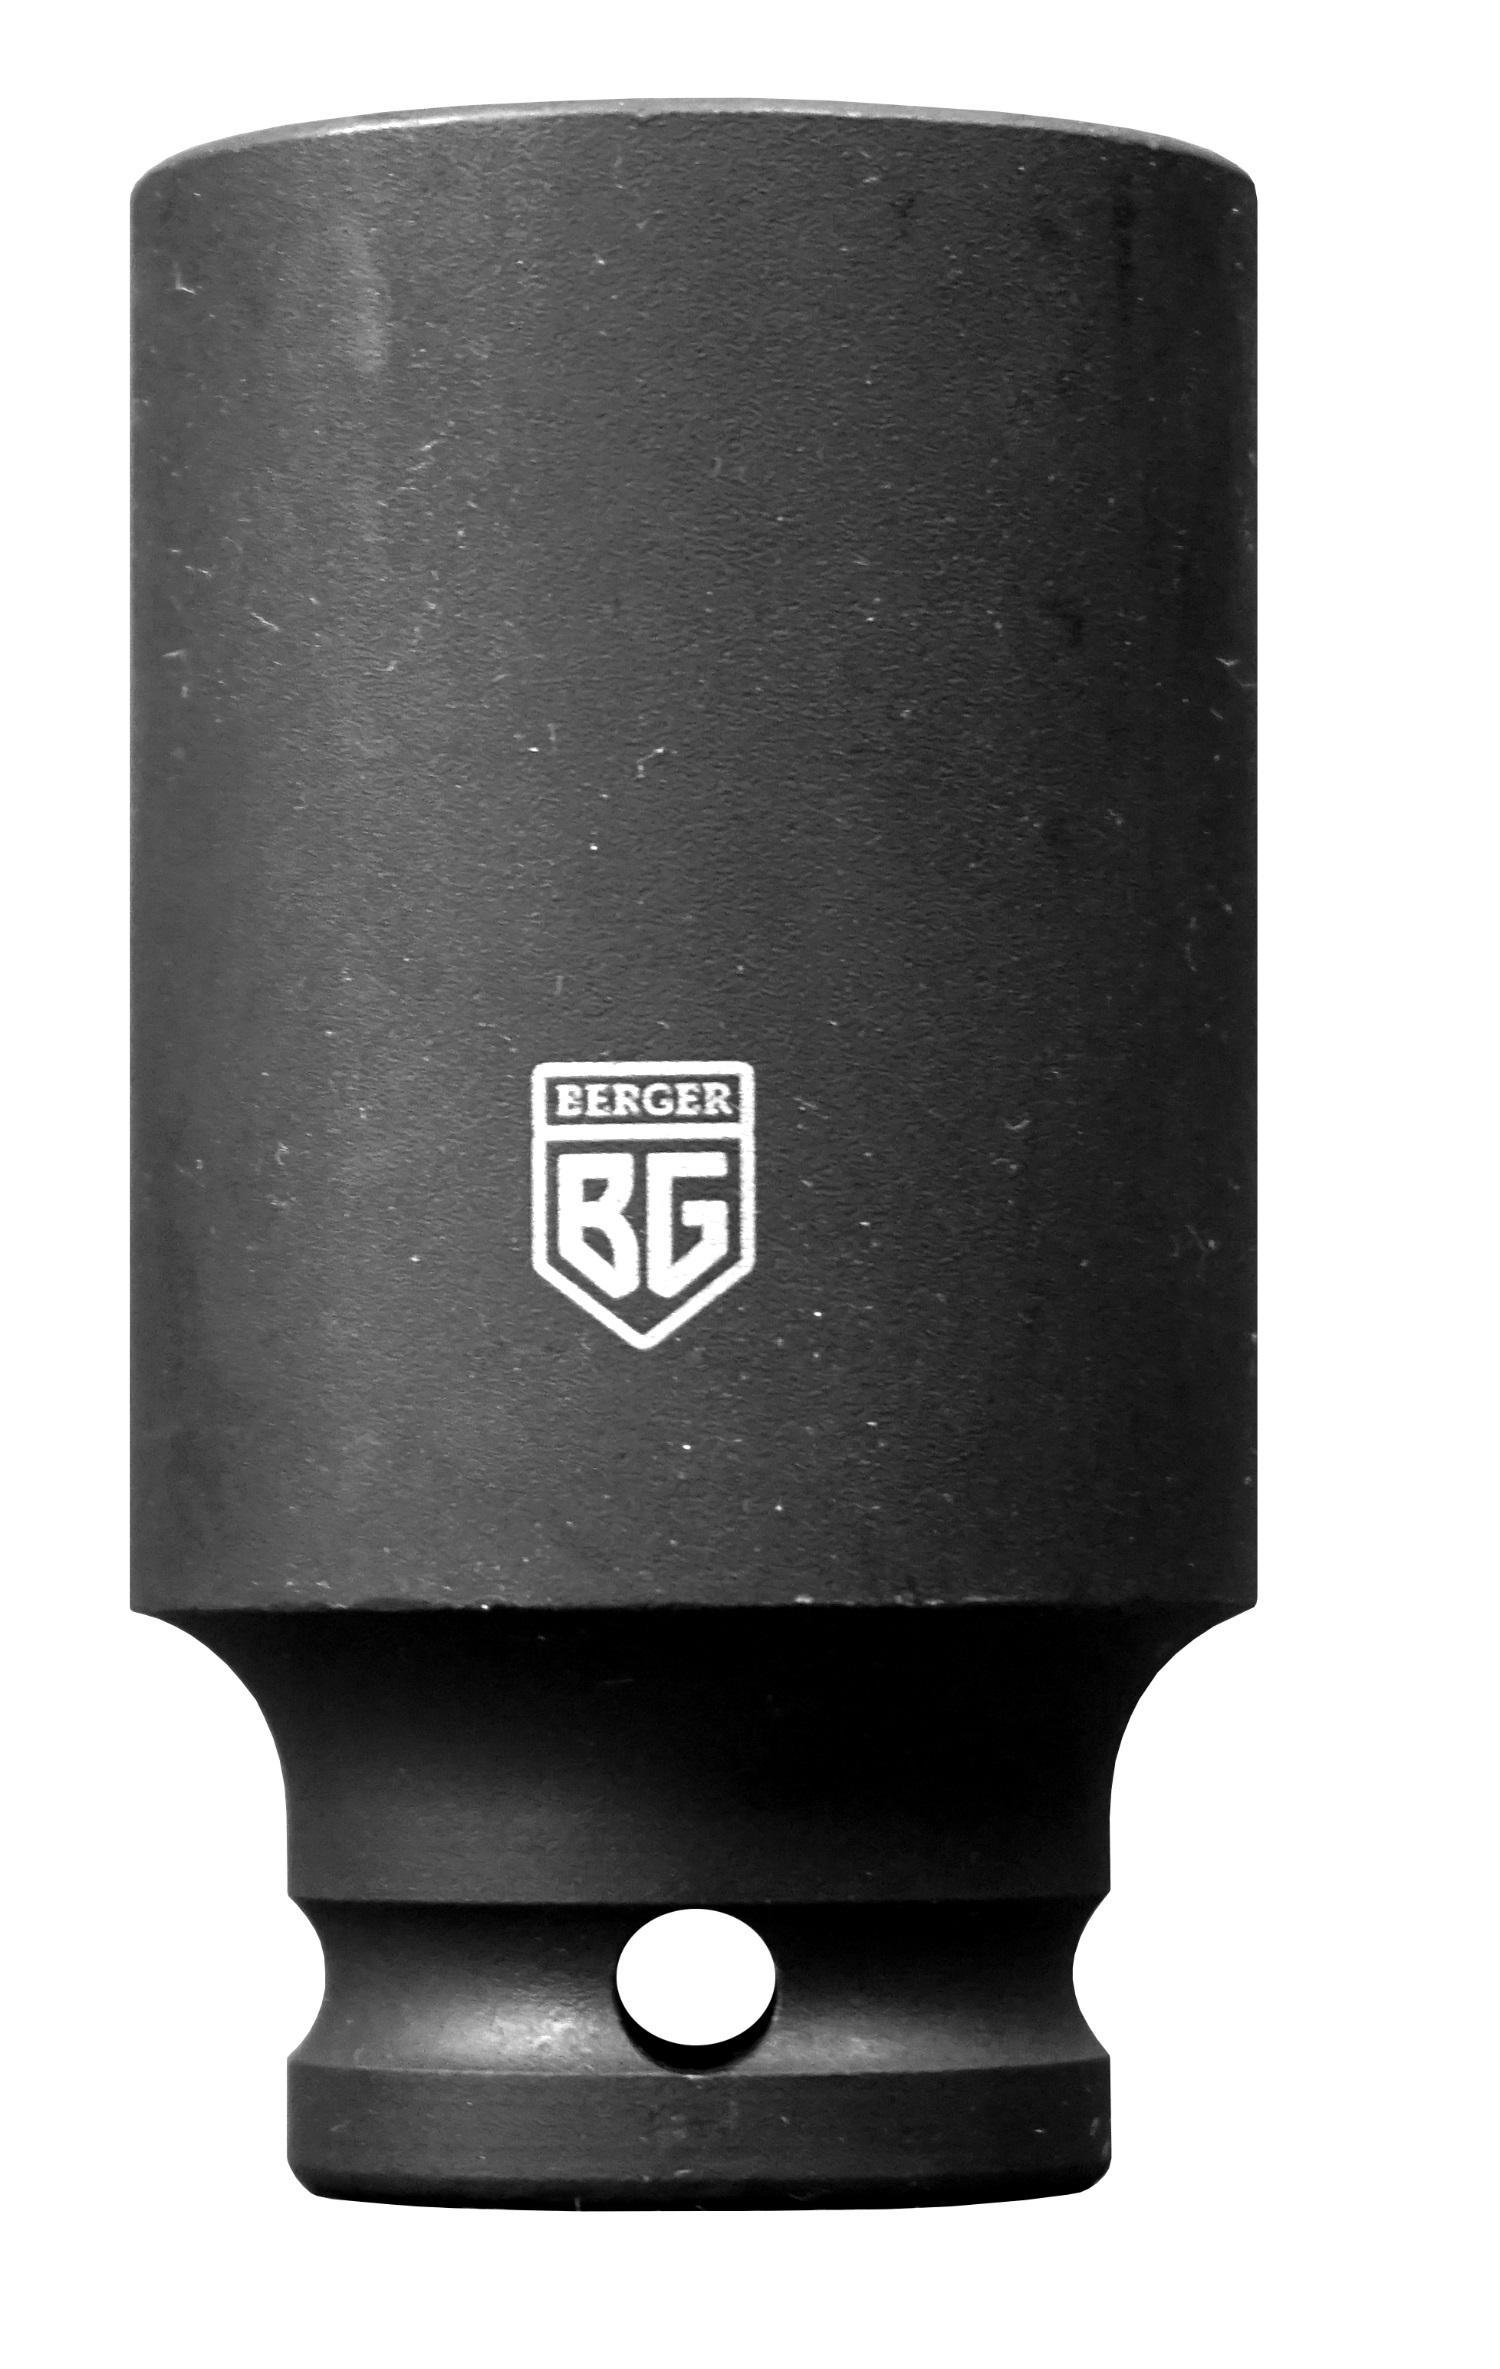 Купить Головка торцевая Berger Bg2132 1/2 10мм